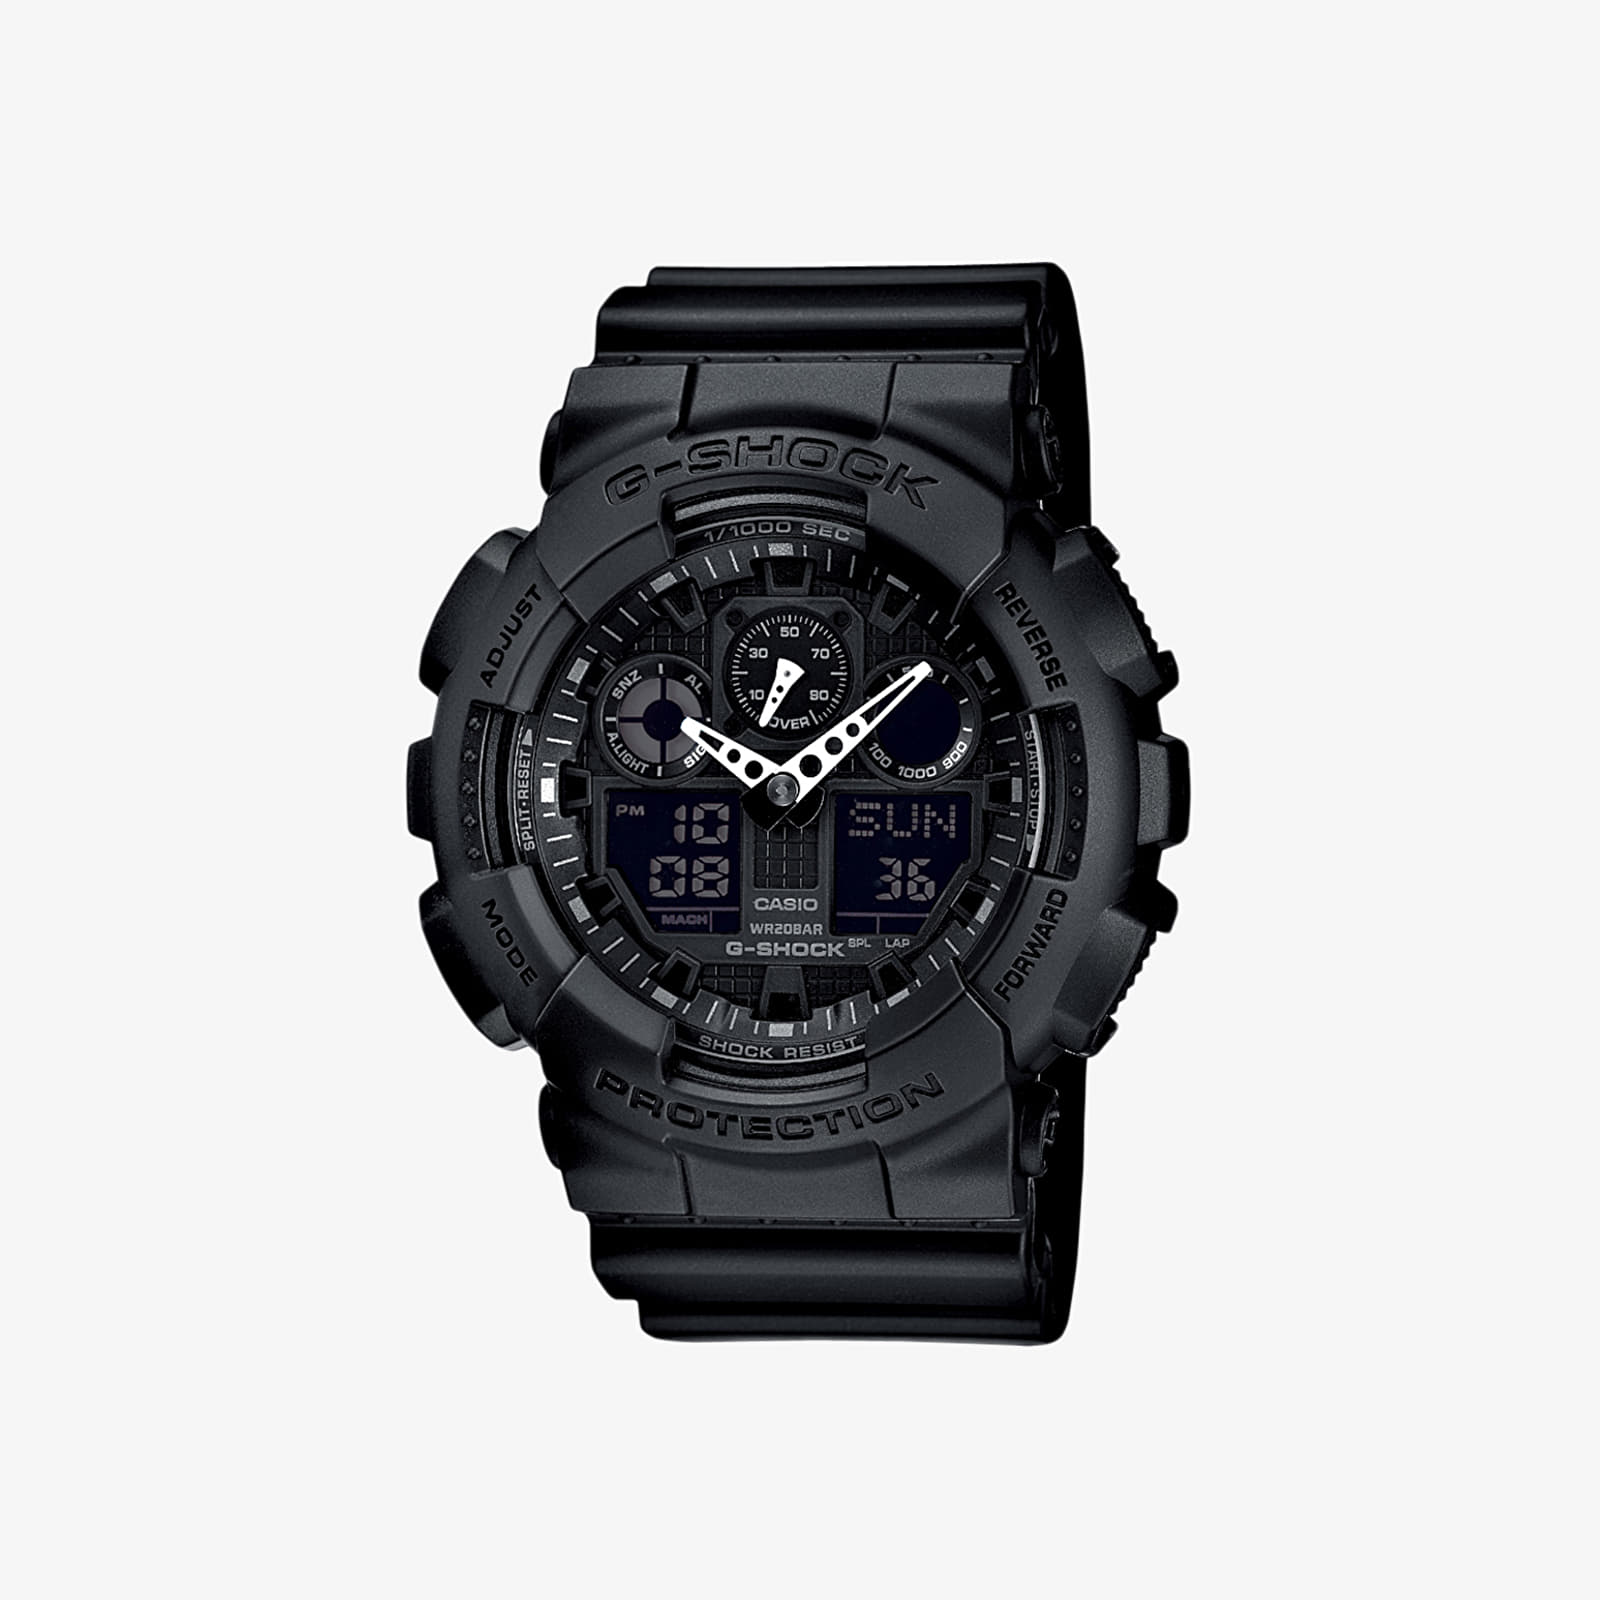 Ure G-Shock GA-100-1A1ER Black